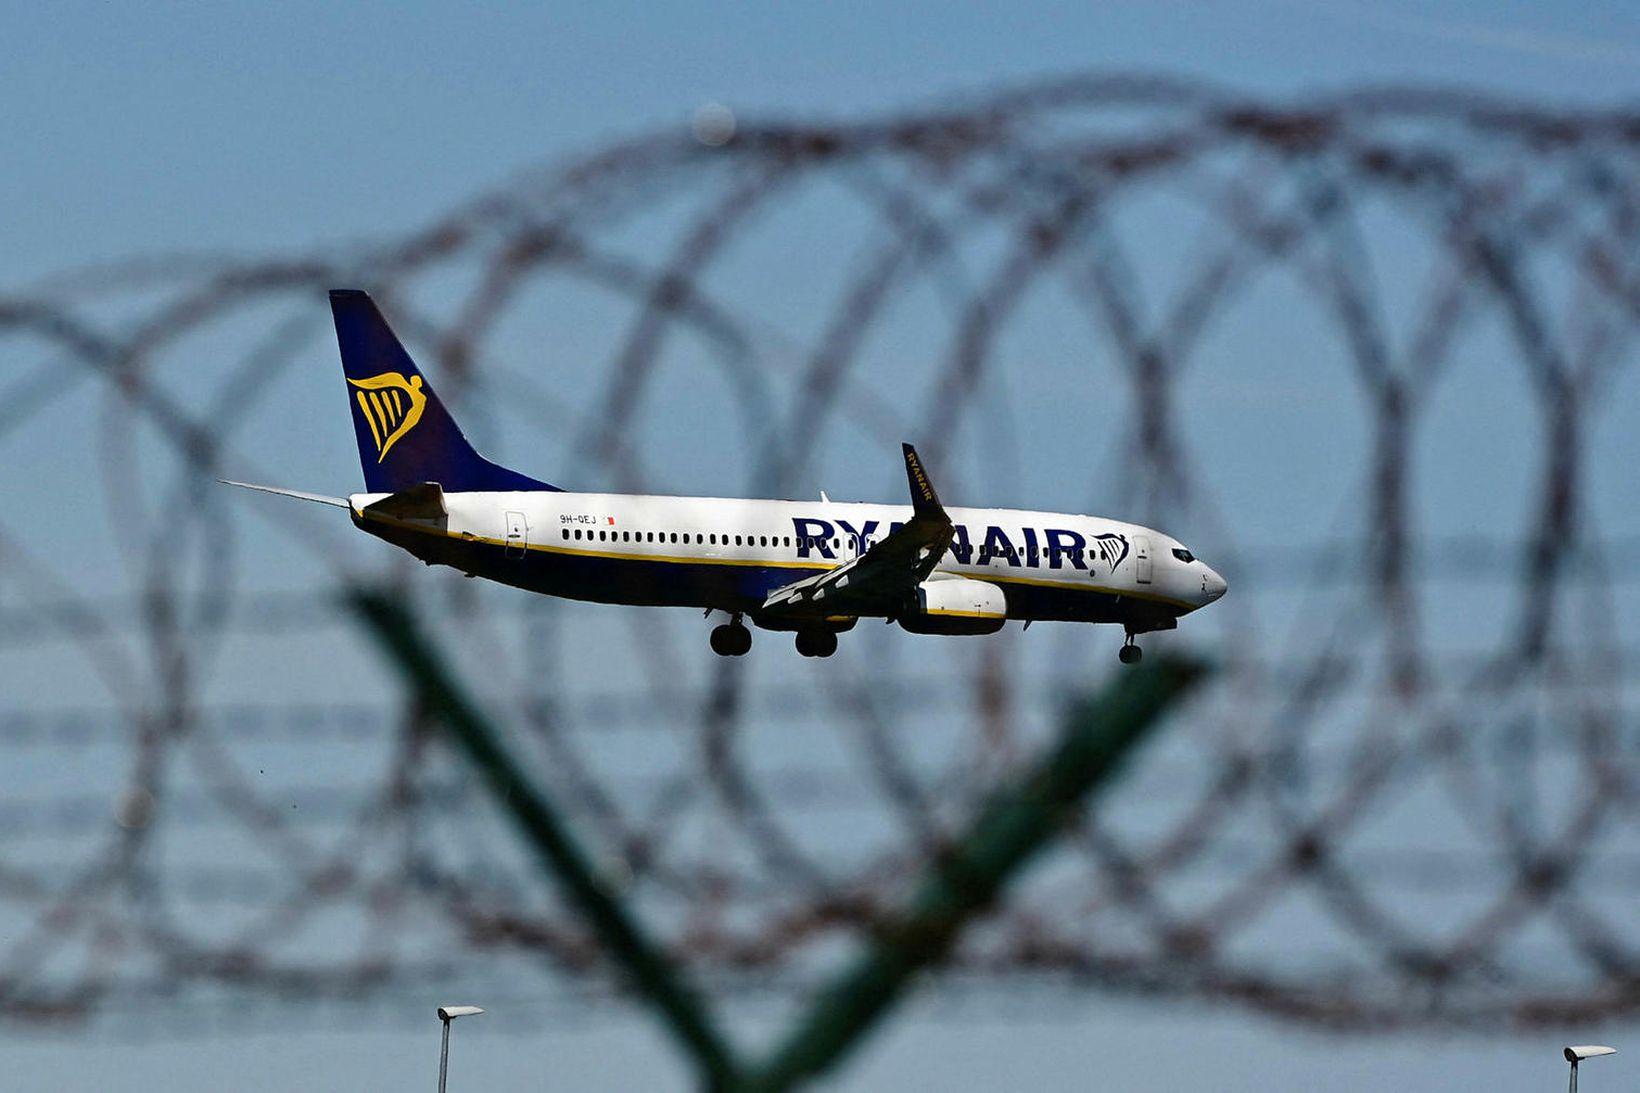 Flugstjórendnur í Hvíta-Rússlandi sögðu Ryanair ekki svara símanum.